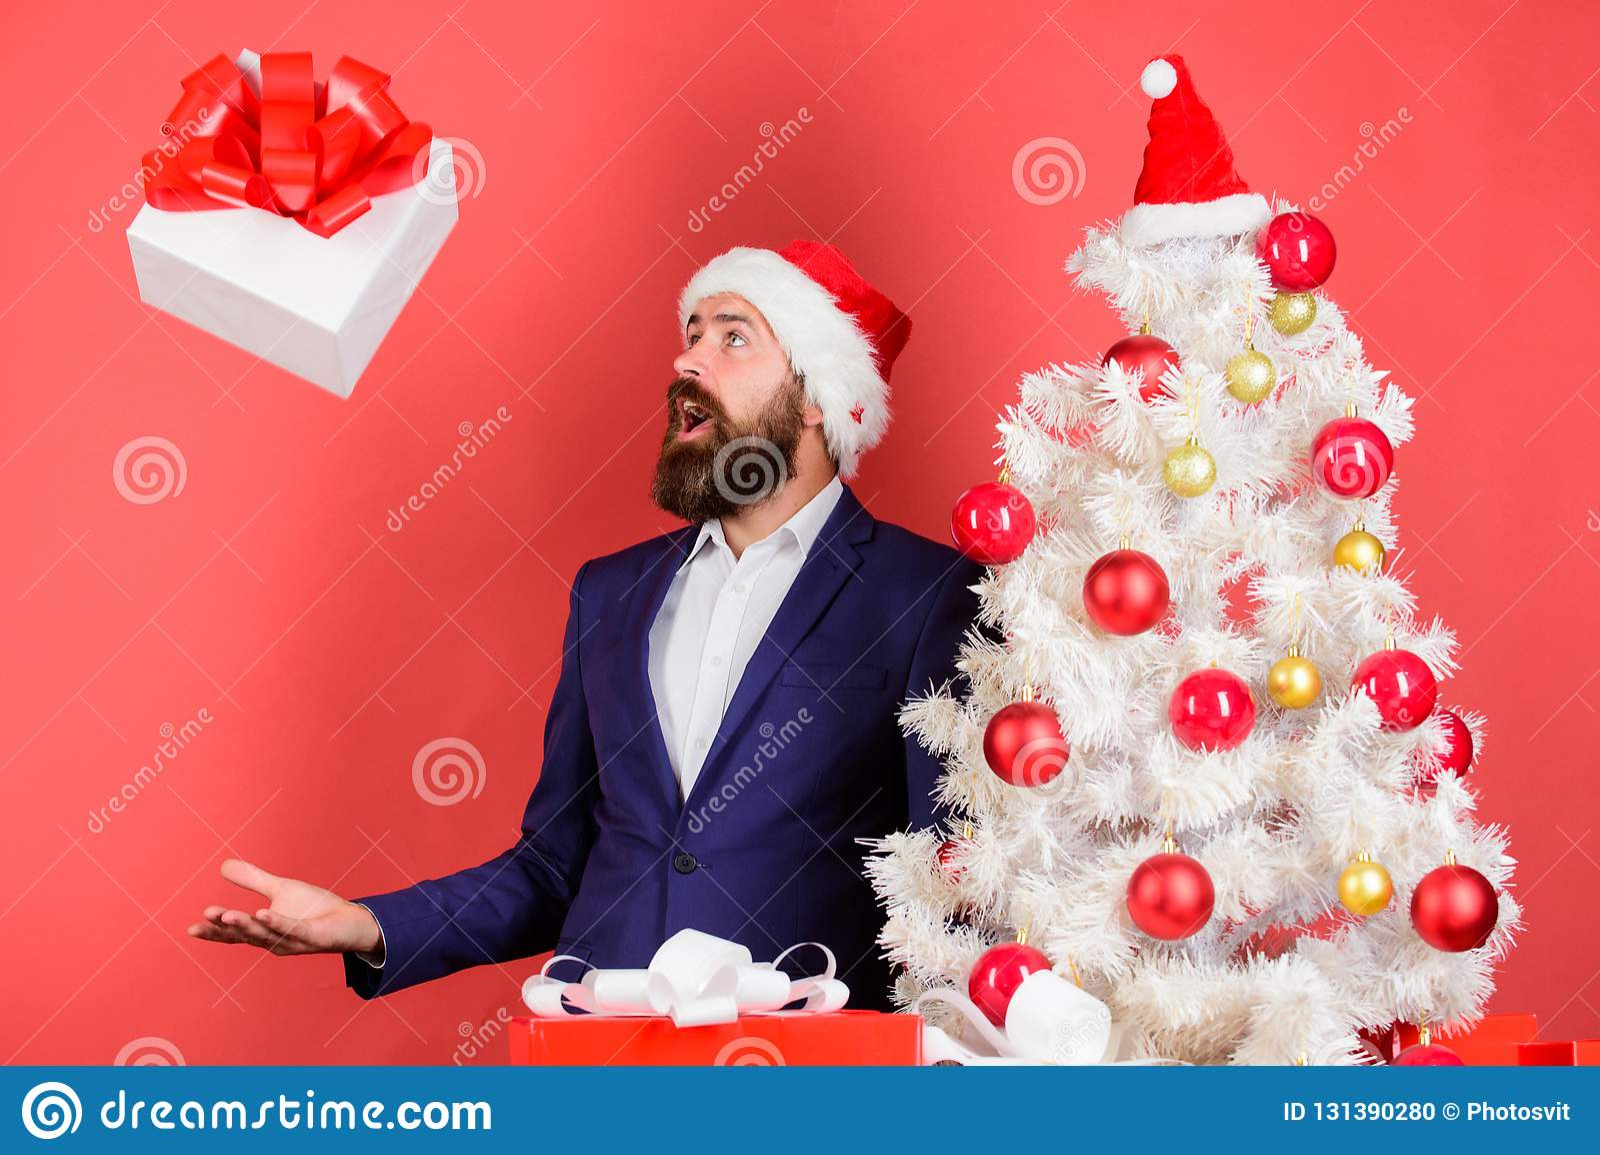 Στείλετε ή λάβετε το χριστουγεννιάτικο δώρο Επίσημο κοστούμι hipster ατόμων το γενειοφόρο ευτυχές γιορτάζει τα Χριστούγεννα Γρήγο